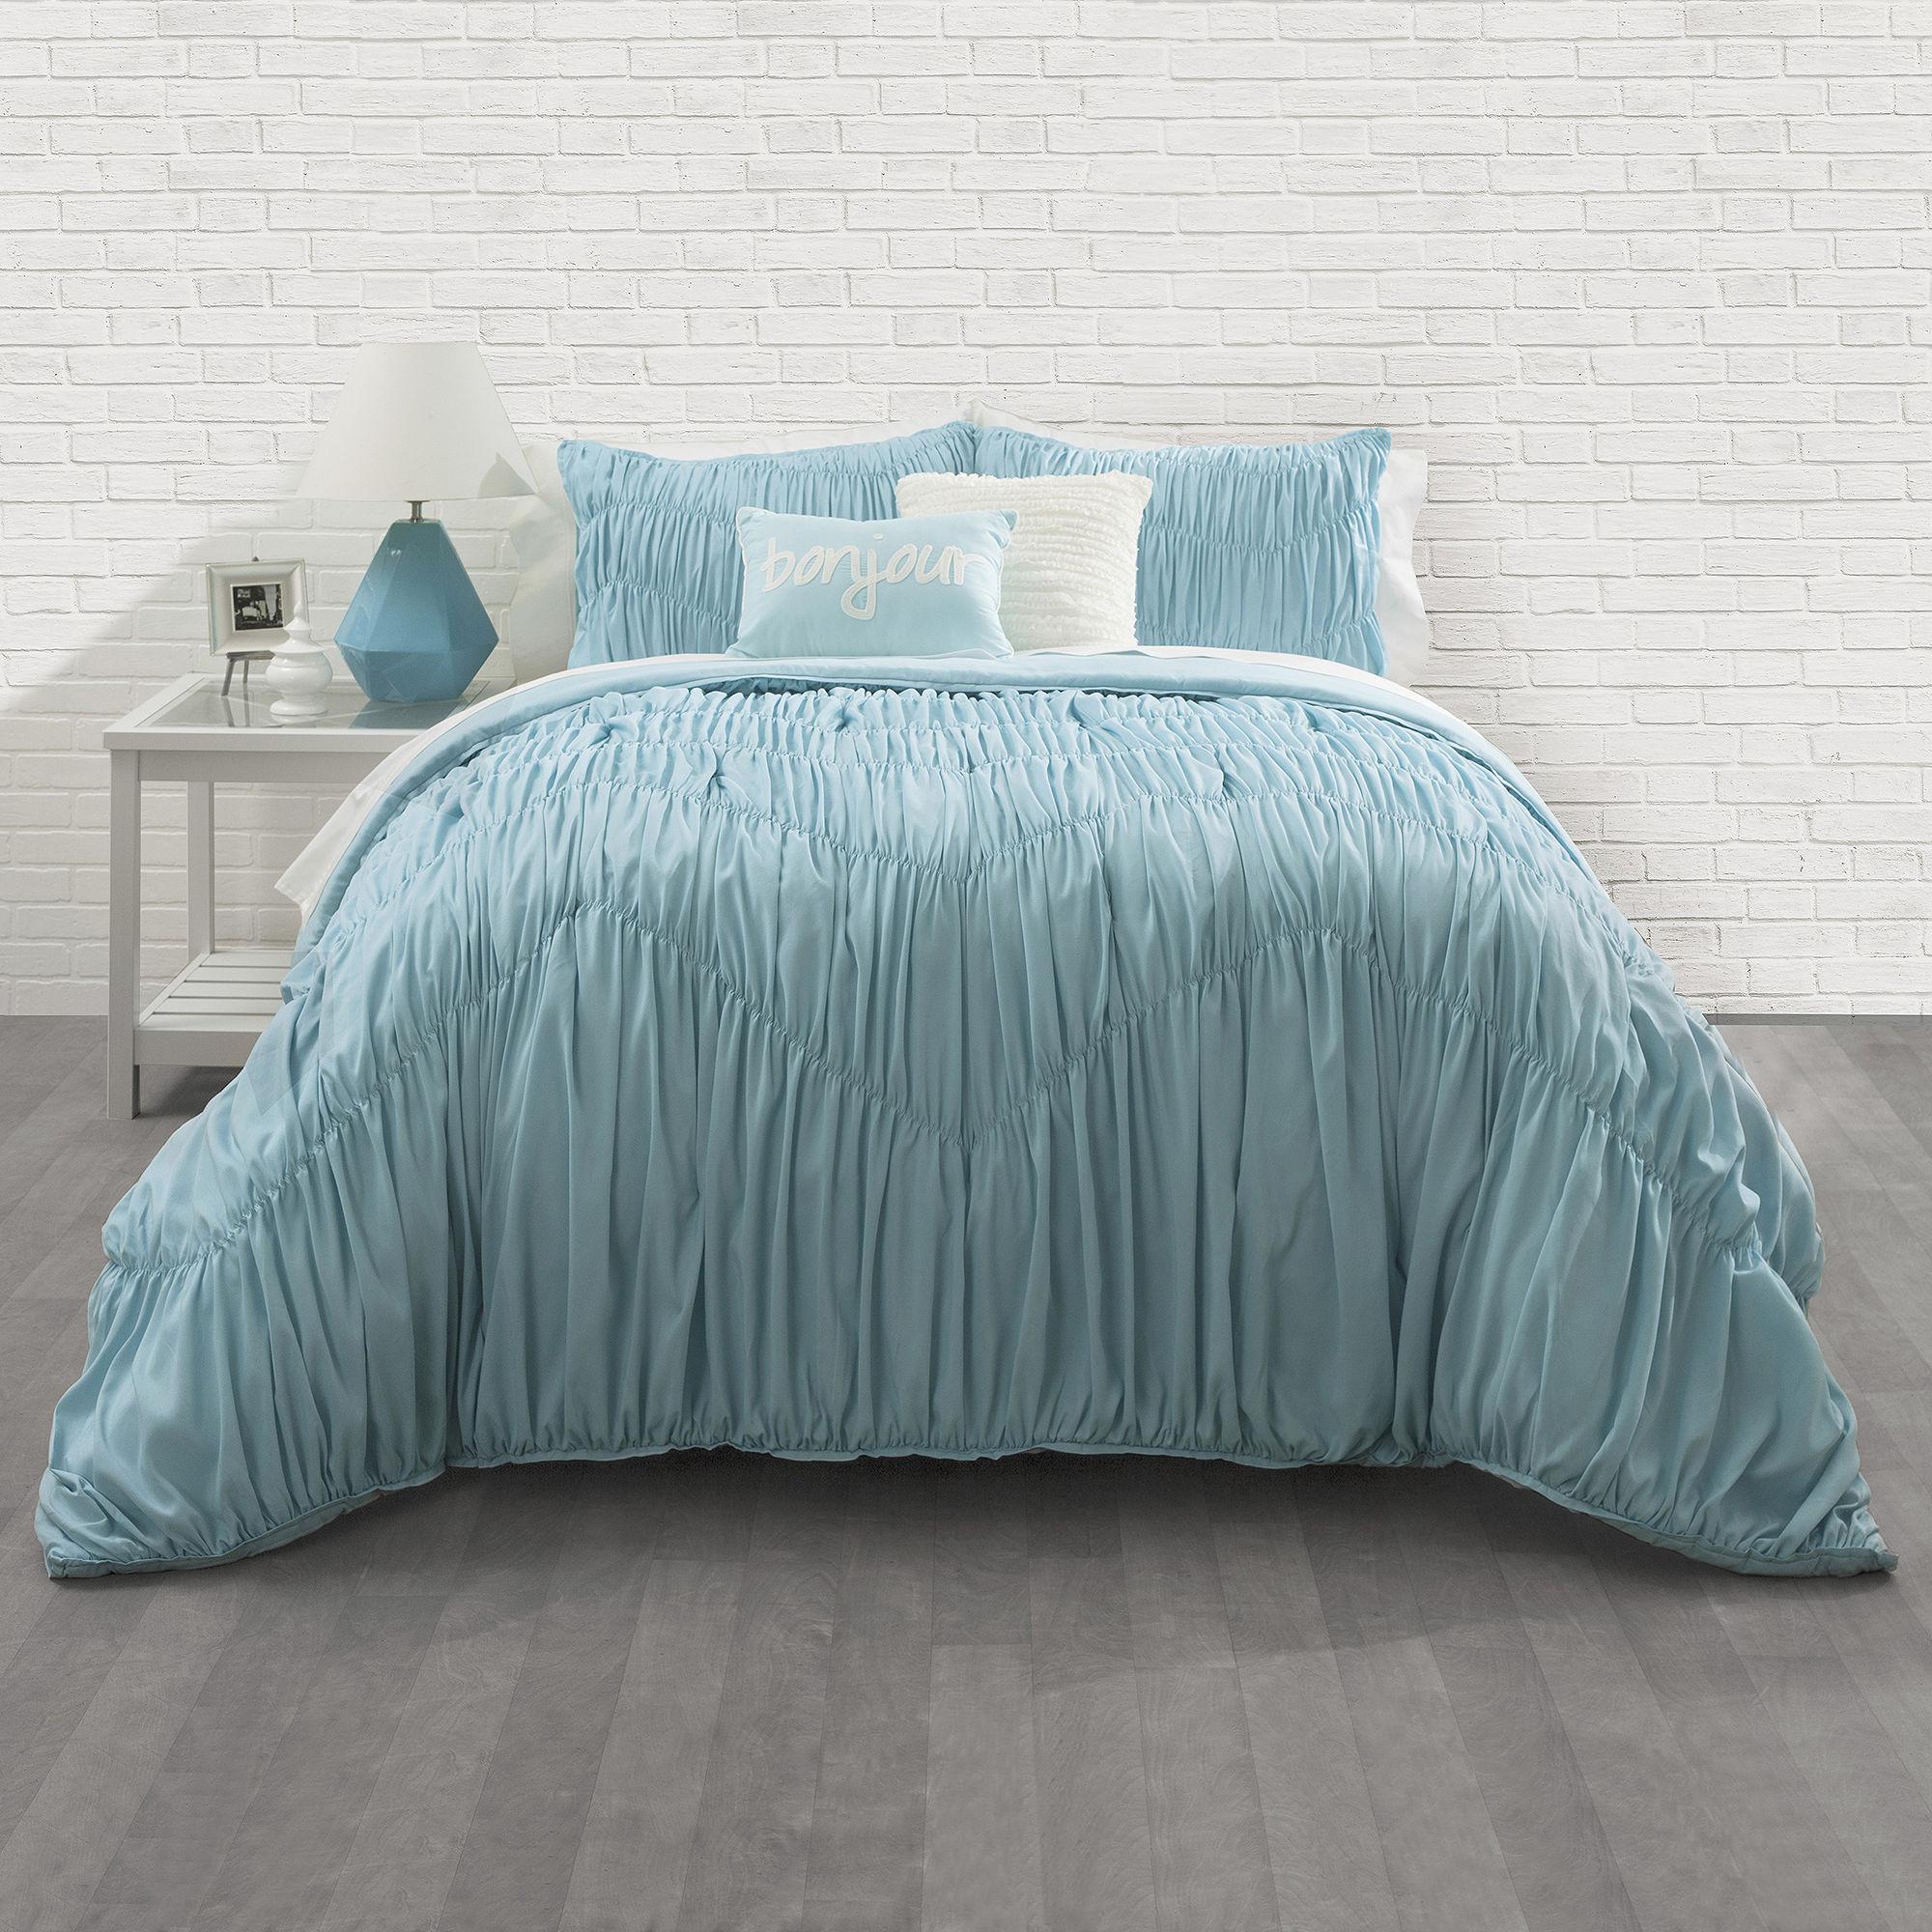 Seventeen Aqua Ruched Comforter Set